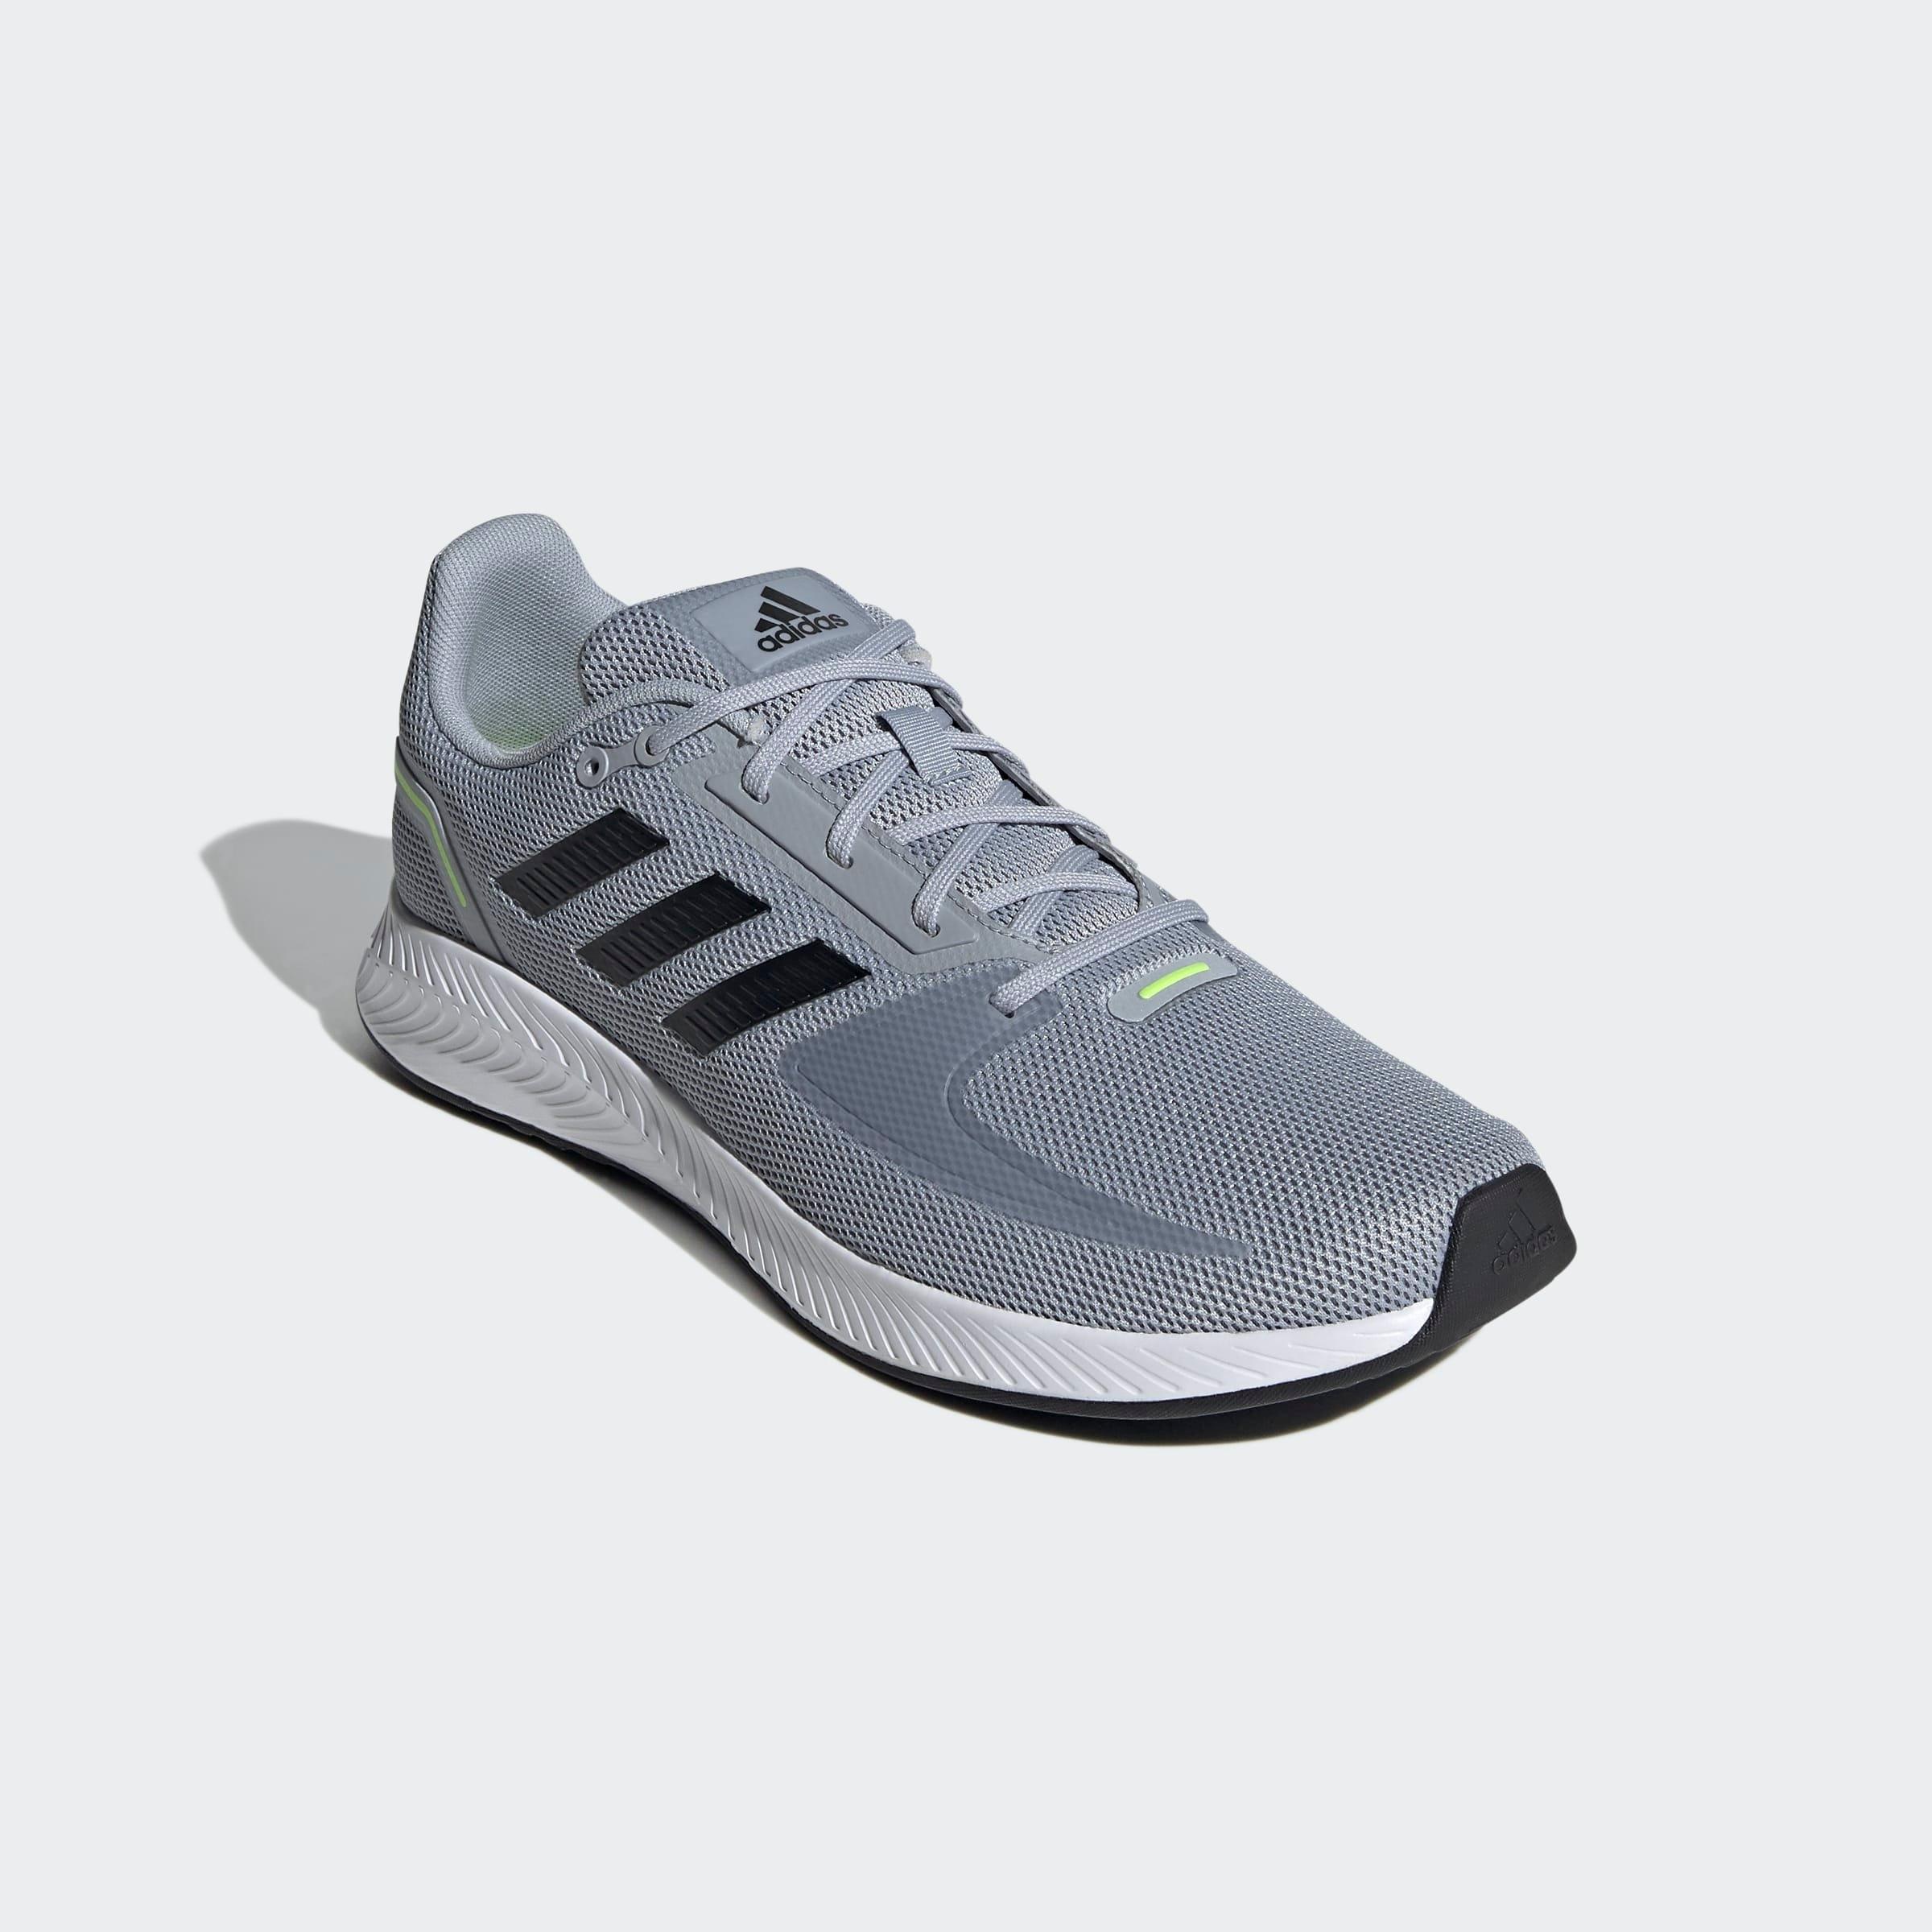 adidas runningschoenen RUNFALCON 2.0 voordelig en veilig online kopen